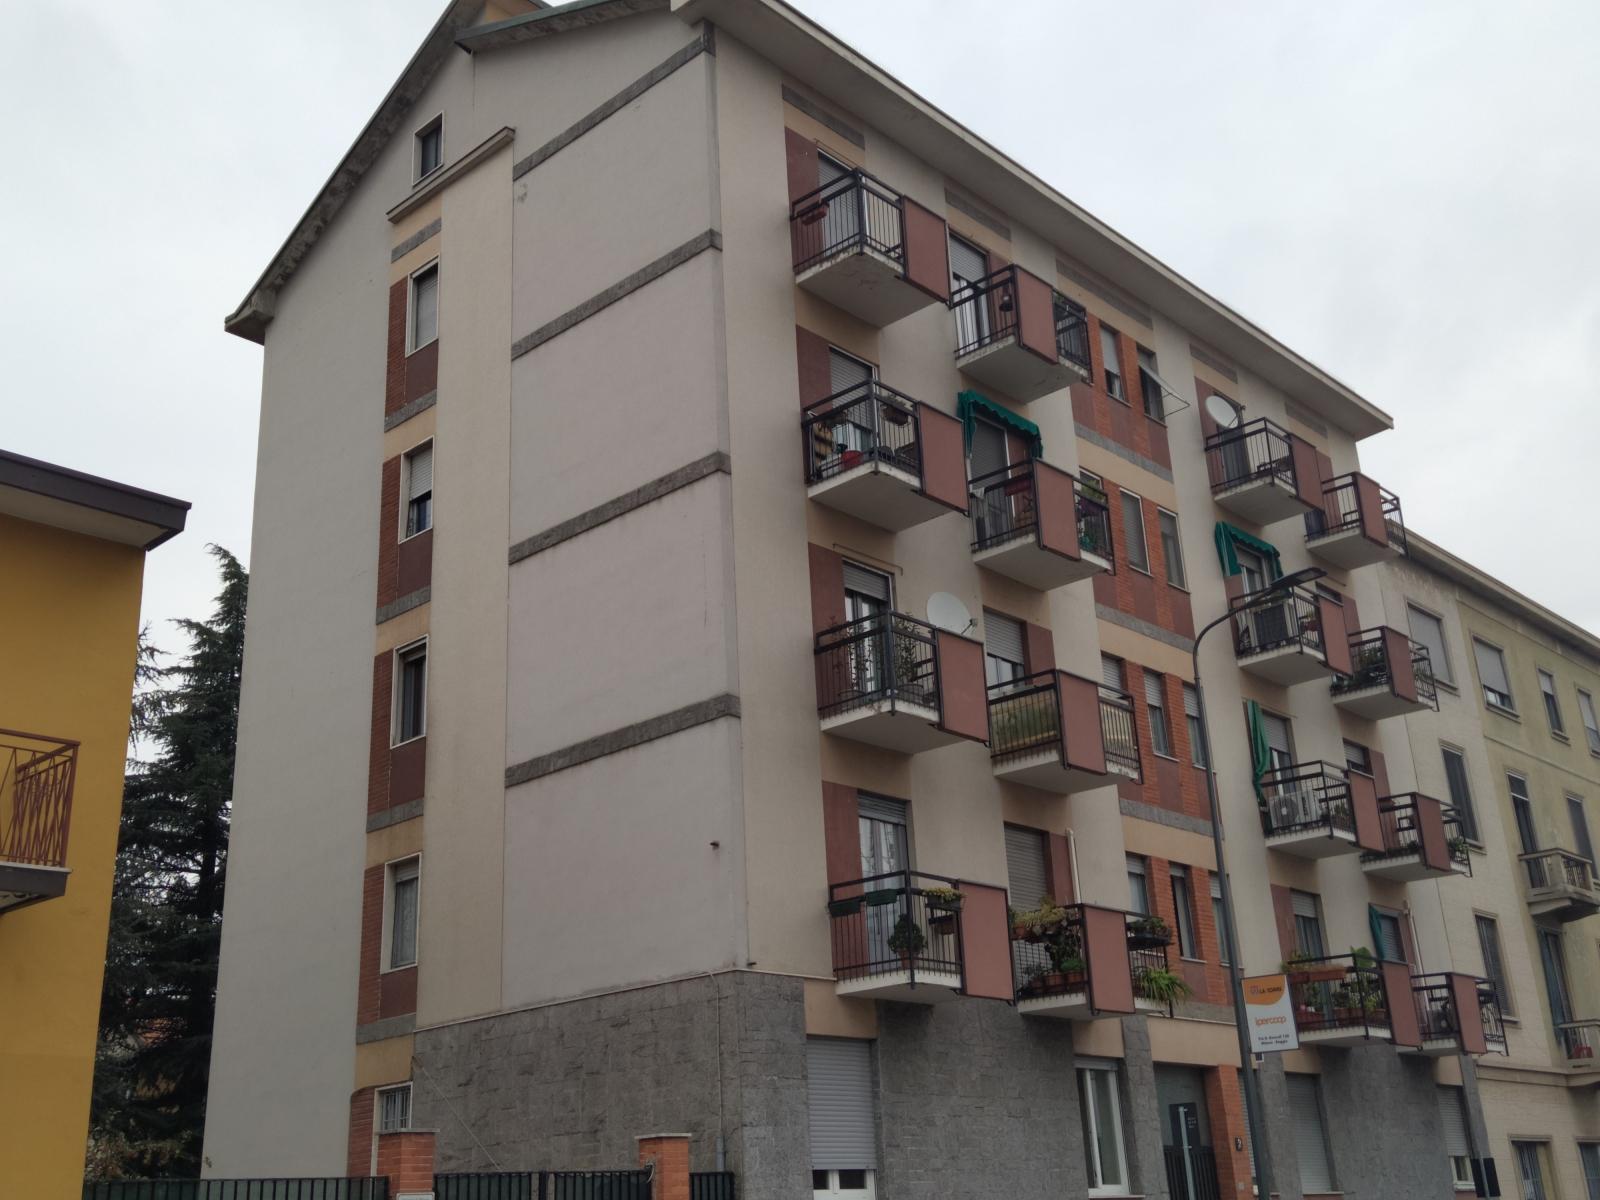 appartamento-in-affitto-milano-baggio-spaziourbano-immobiliare-vende-16